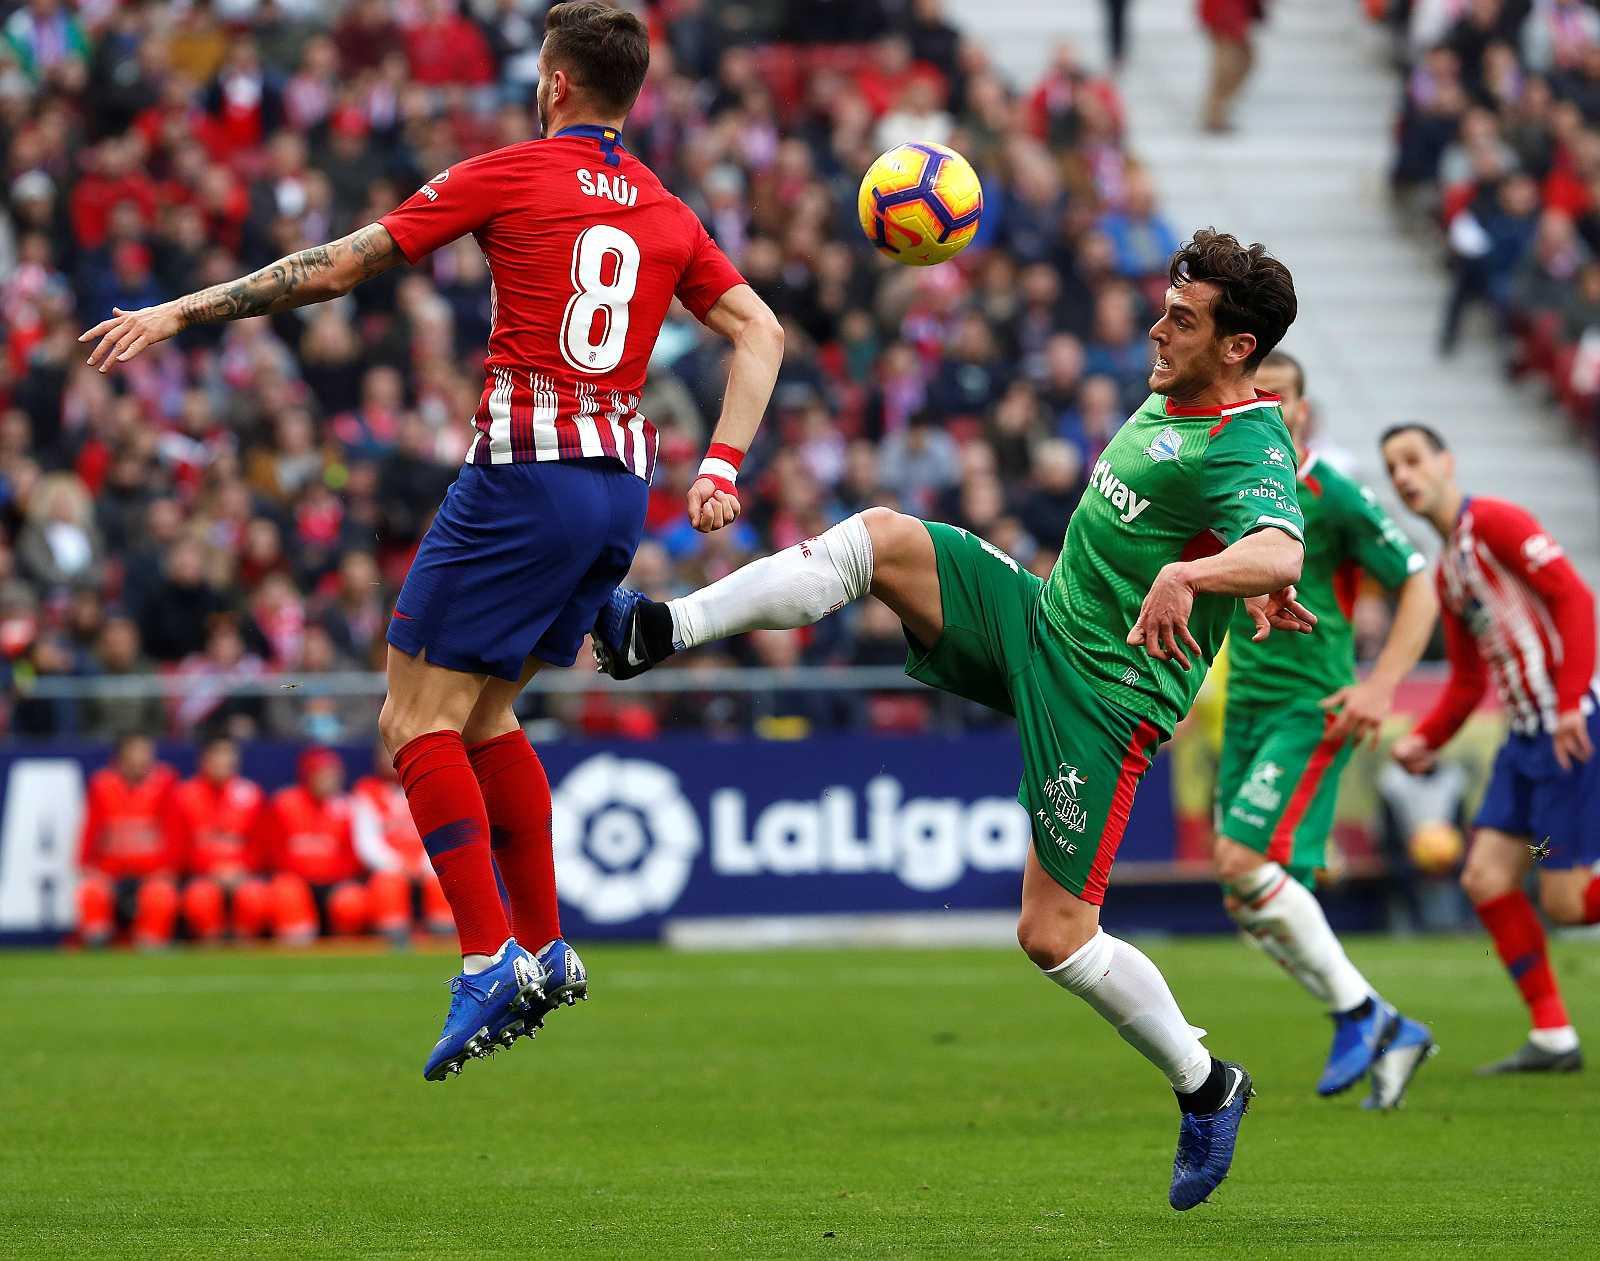 Saúl Ñiguez (i) e Ibai Gómez durante el último duelo Atlético-Athletic en el Wanda Metropolitano.